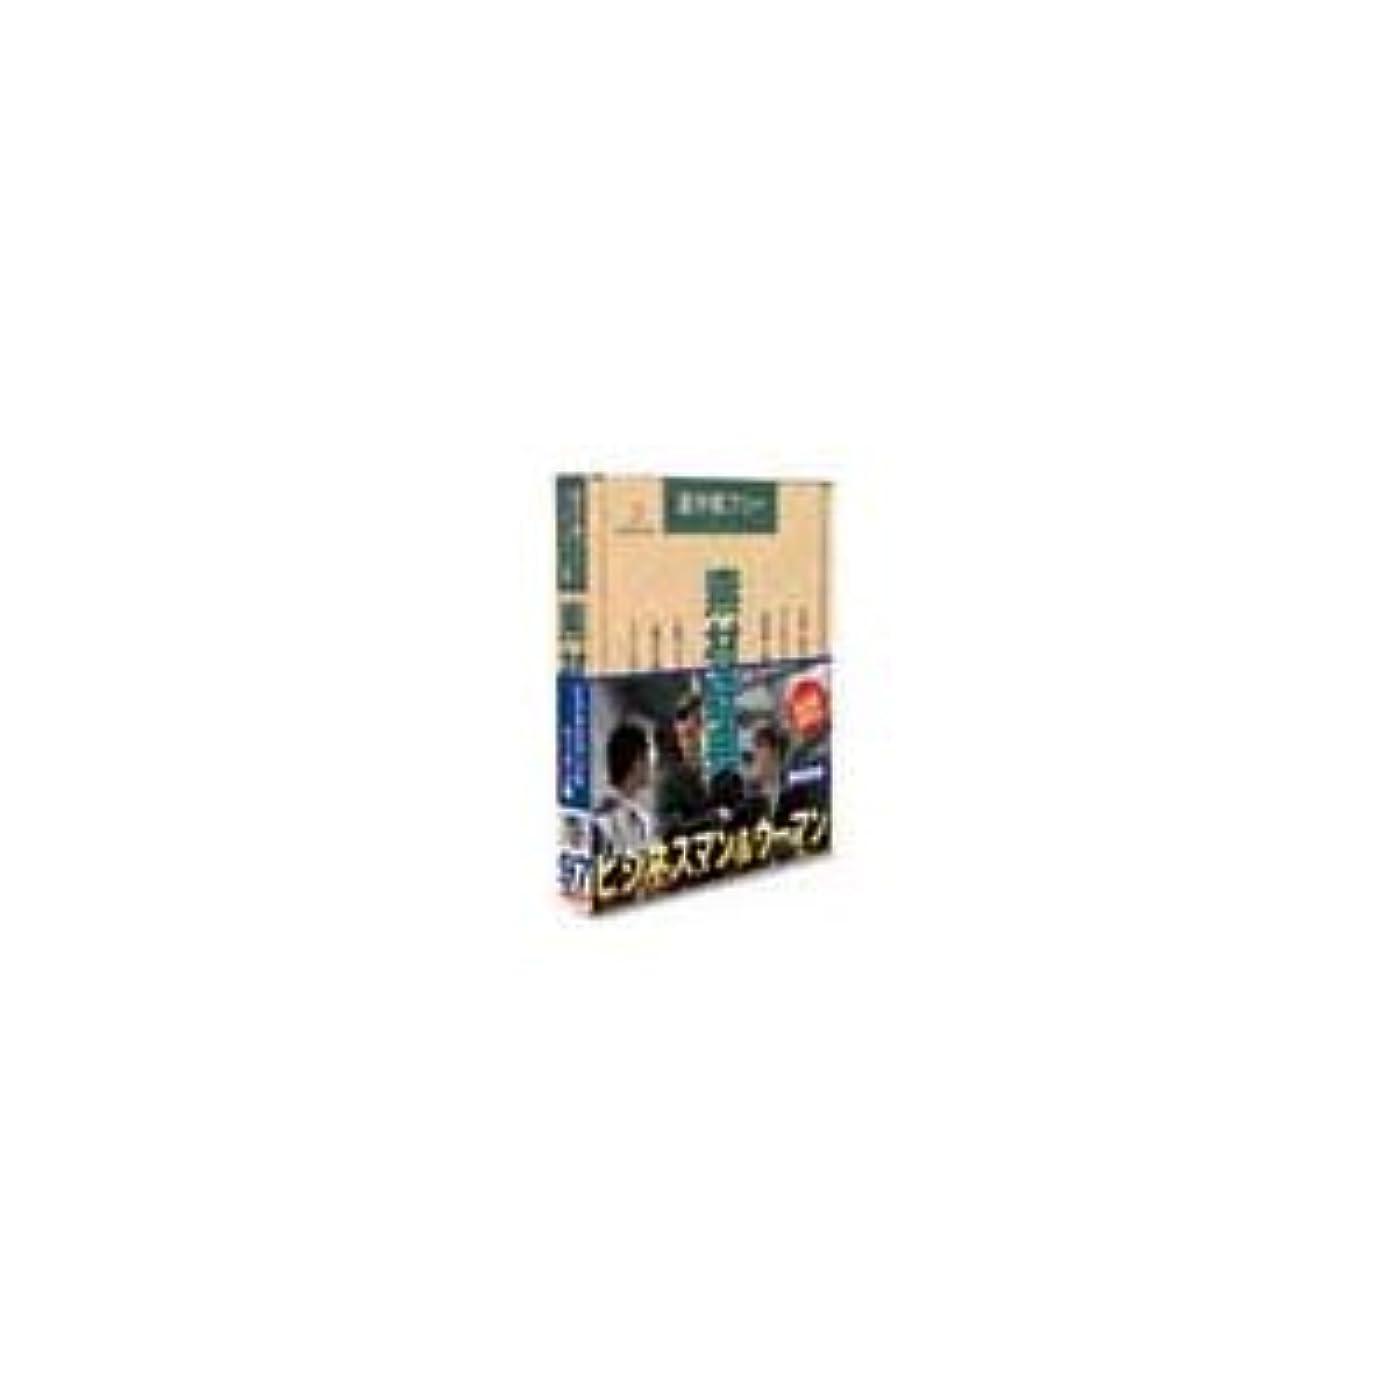 これらつなぐ構成写真素材 素材辞典Vol.97 ビジネスマン ウーマン